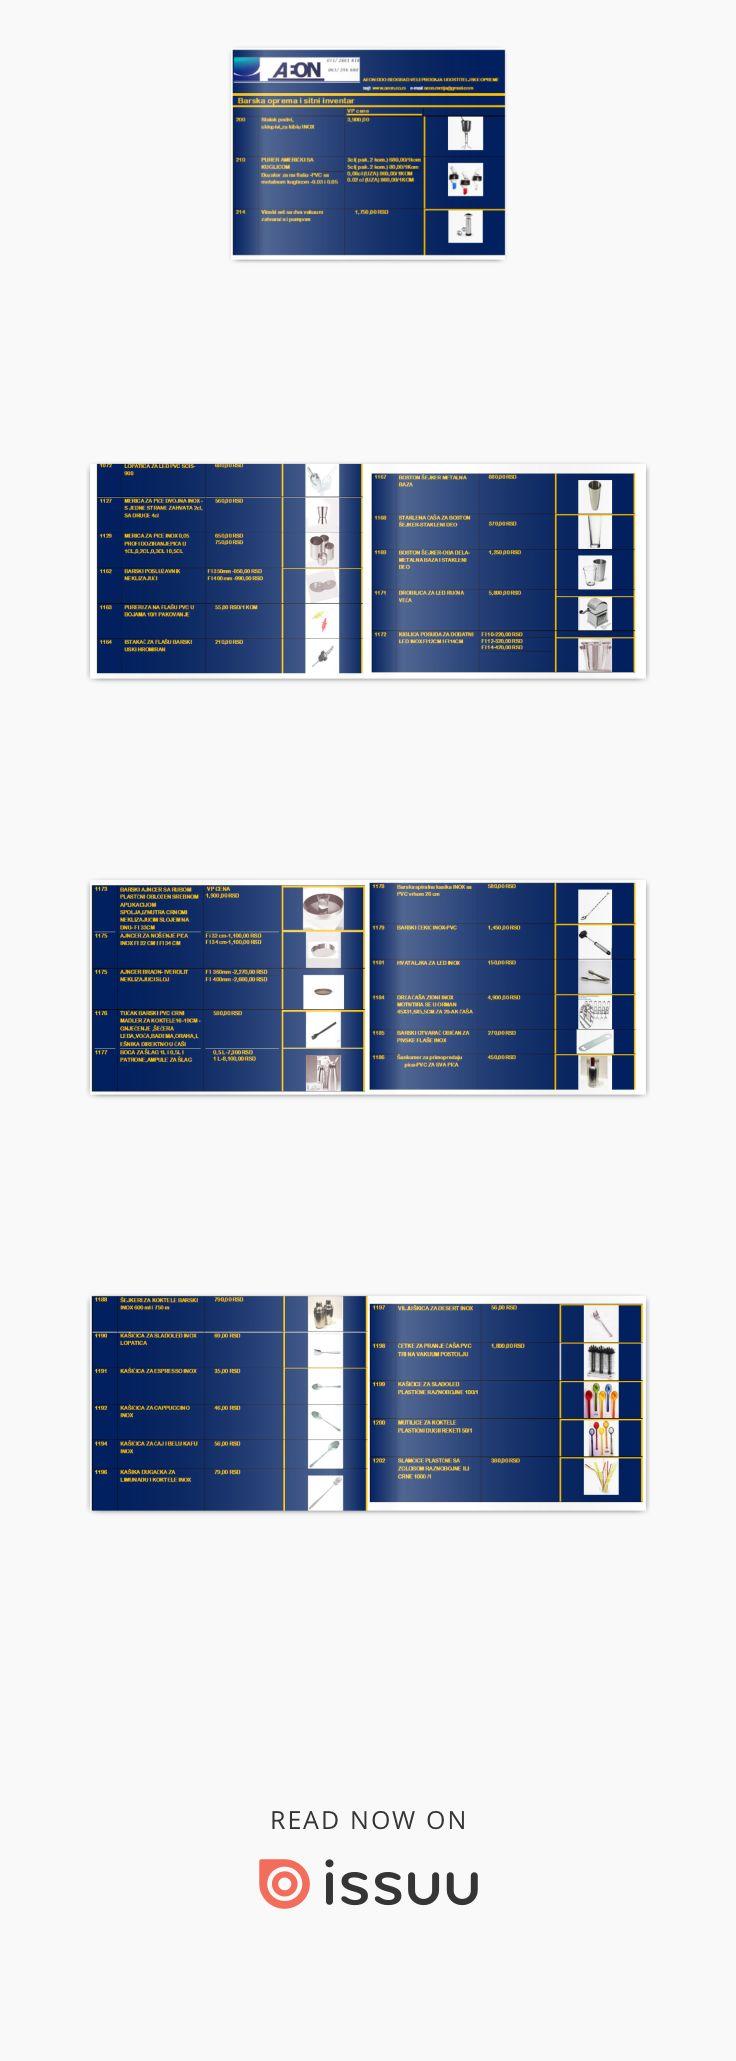 Barski i party program katalog aeon doo beograd AEON DOO BEOGRAD Veleprodaja ugostiteljskog sitnog inventara 111040 Beograd,Vladimira Gaćinovića14  Tel/fax: 011/2 661-618; Mob.:063-246-680 E-mail:aeon.mrdja@gmail.com  www.aeon.co.rs BARSKA OPREMA - SITNI INVENTAR - kibla inox za šampanj,kibla inox veća na stopi za više manjih boca, kiblice za dodatni led, kible plastične za više boca, hvataljka za led, šejkeri trodelni inox,Boston šejker,merice za piće profi I dvojne,boce za šlag ,patrone-ampule za šlag, viseći dozeri za piće bez brojača-sa brojačem ,dozeri za flašu sa kuglicom,pureri-izlivači inox- pvc,stireri-mutilice pvc za koktele,šankomeri, barski organizer-bar caddy,barske gume, ,barskosito- cediljka za koktele, ,kašičice inox za espresso-cappuccino-limunadu-čaj,štipaljke za krišku limuna,barski tučak-mudler, slamčicei kašičice za espresso PVC dekoracija za koktelei sladoledni kup, viseći nosači za čaše za šank I plafonski kolica barska inox,stubni I stoni stalak za posudu za hladjenje pića…